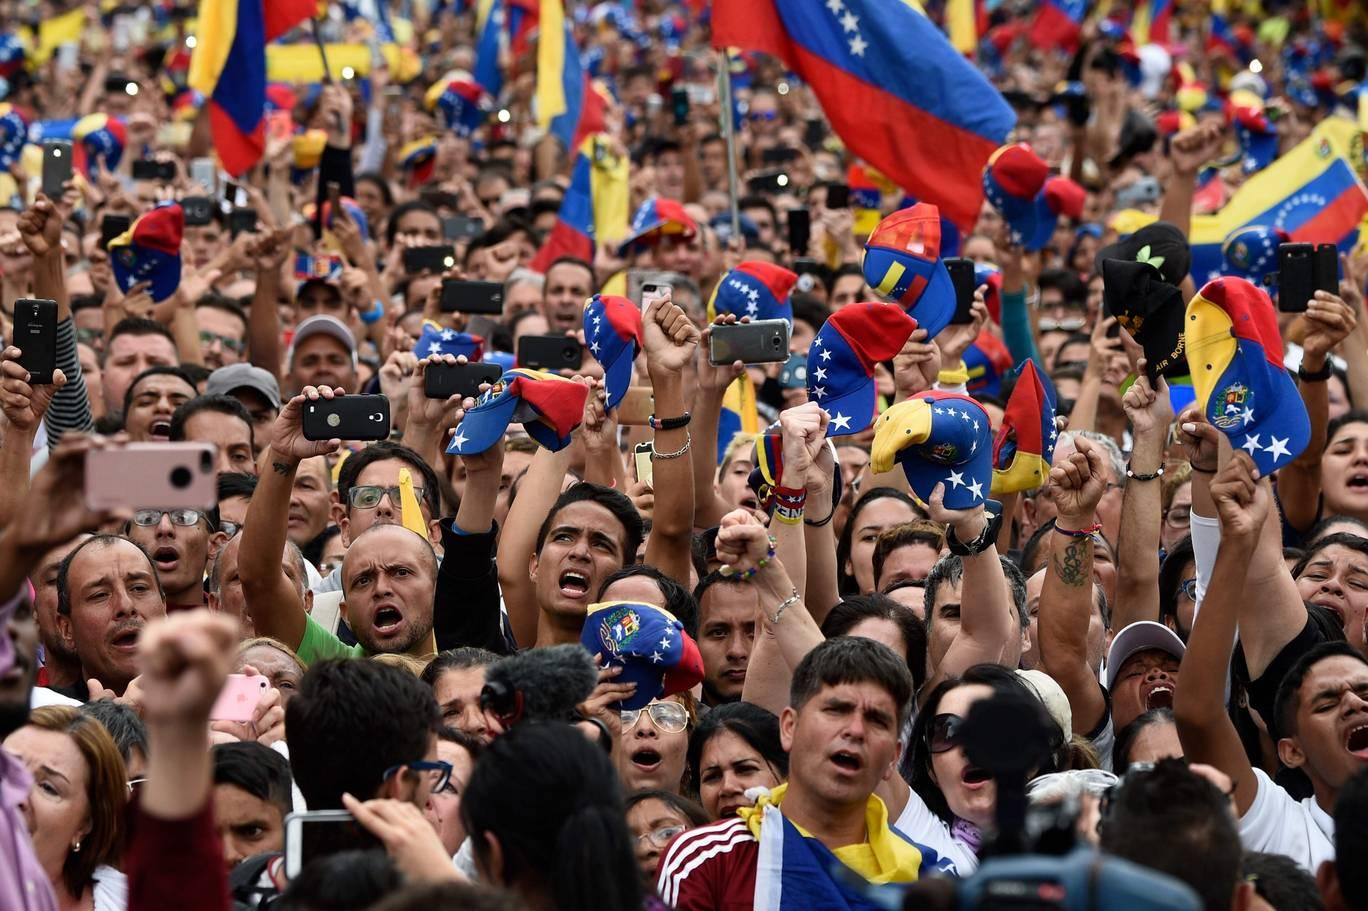 وینزویلن قومی اسمبلی کے سربراہ جوان گوئڈو کی جانب سے اپنے آپ کو 'عبوری صدر' کے اعلان پر کیراکس میں ایک ریلی میں شریک مظاہرین خوشی منا رہے ہیں۔ فوٹو۔اے ایف پی